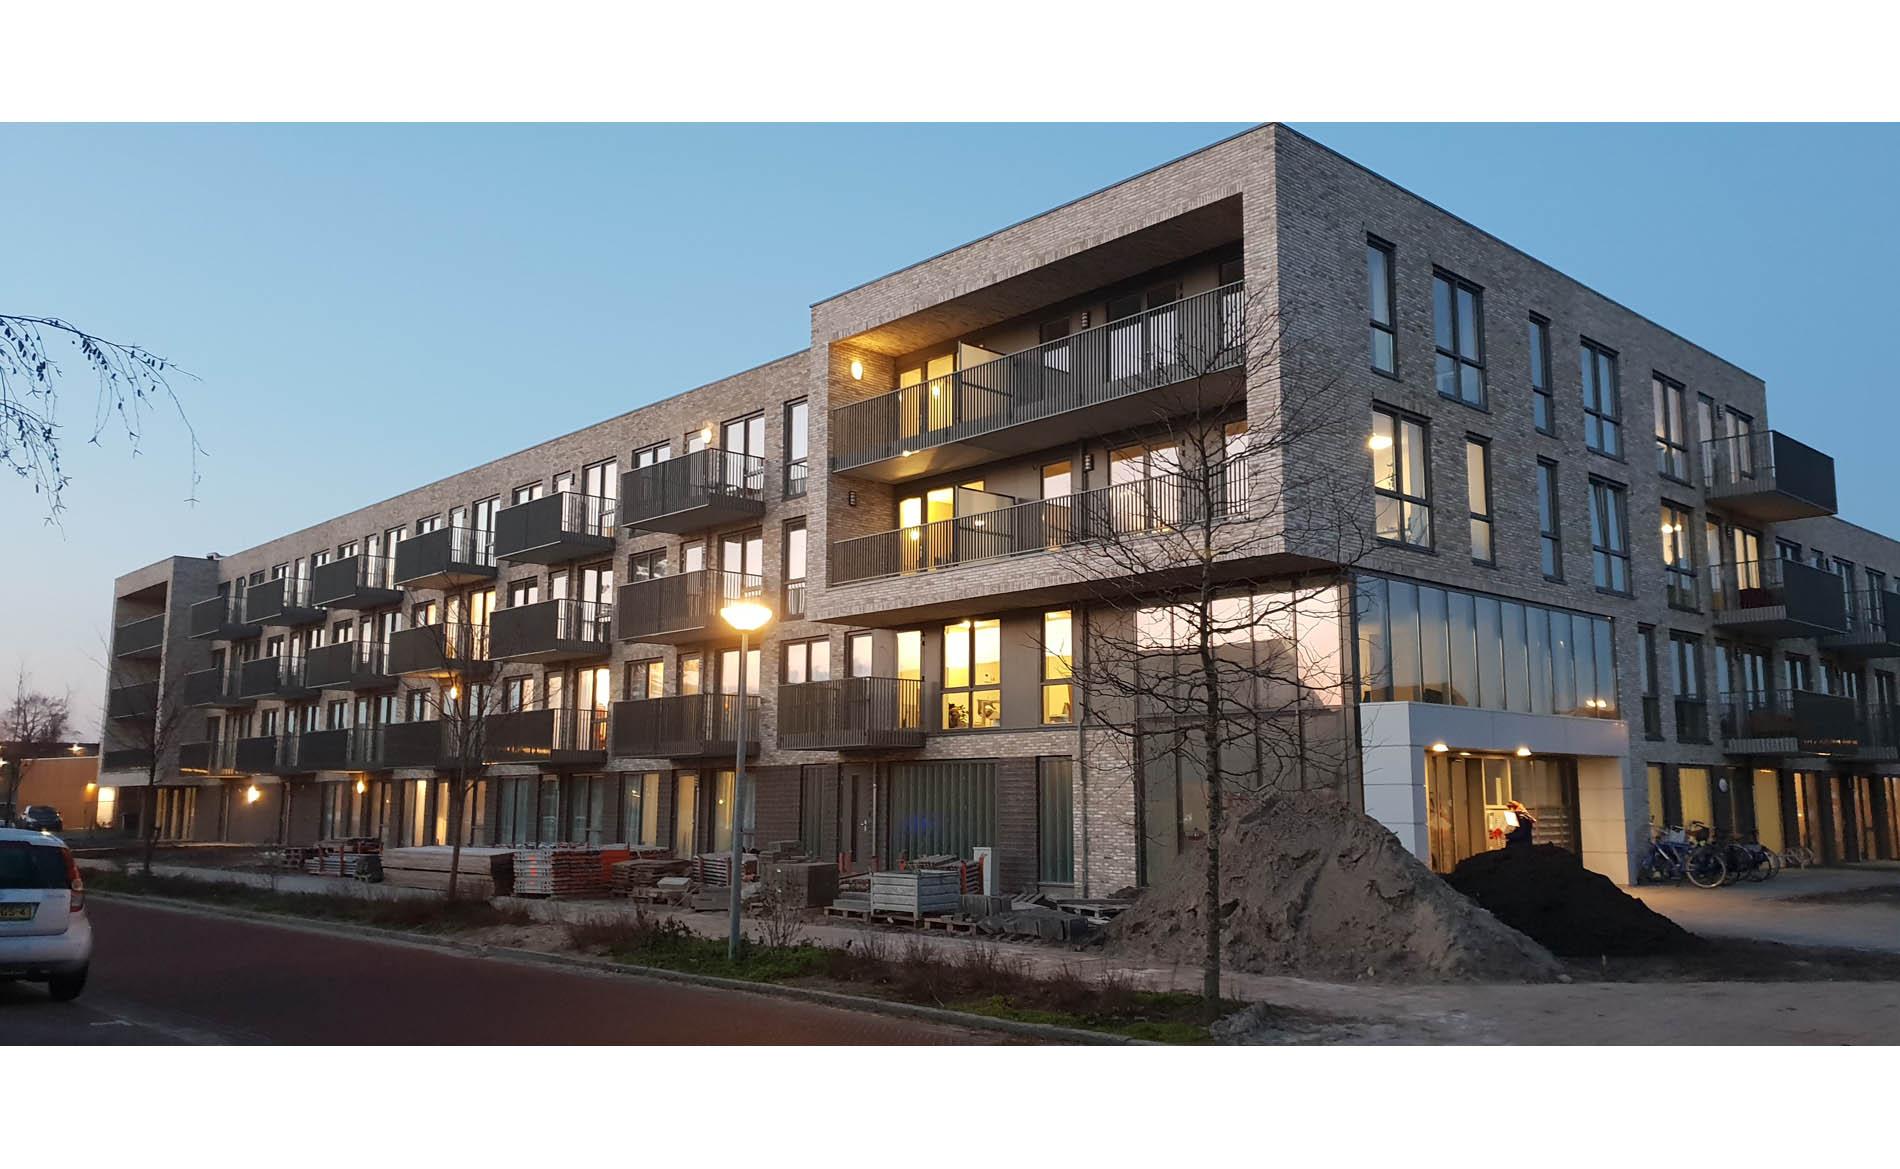 architect appartementen seniorenappartementen NOM-ready woonzorg De Kroon De Nieuwpoort Alkmaar BBHD architecten